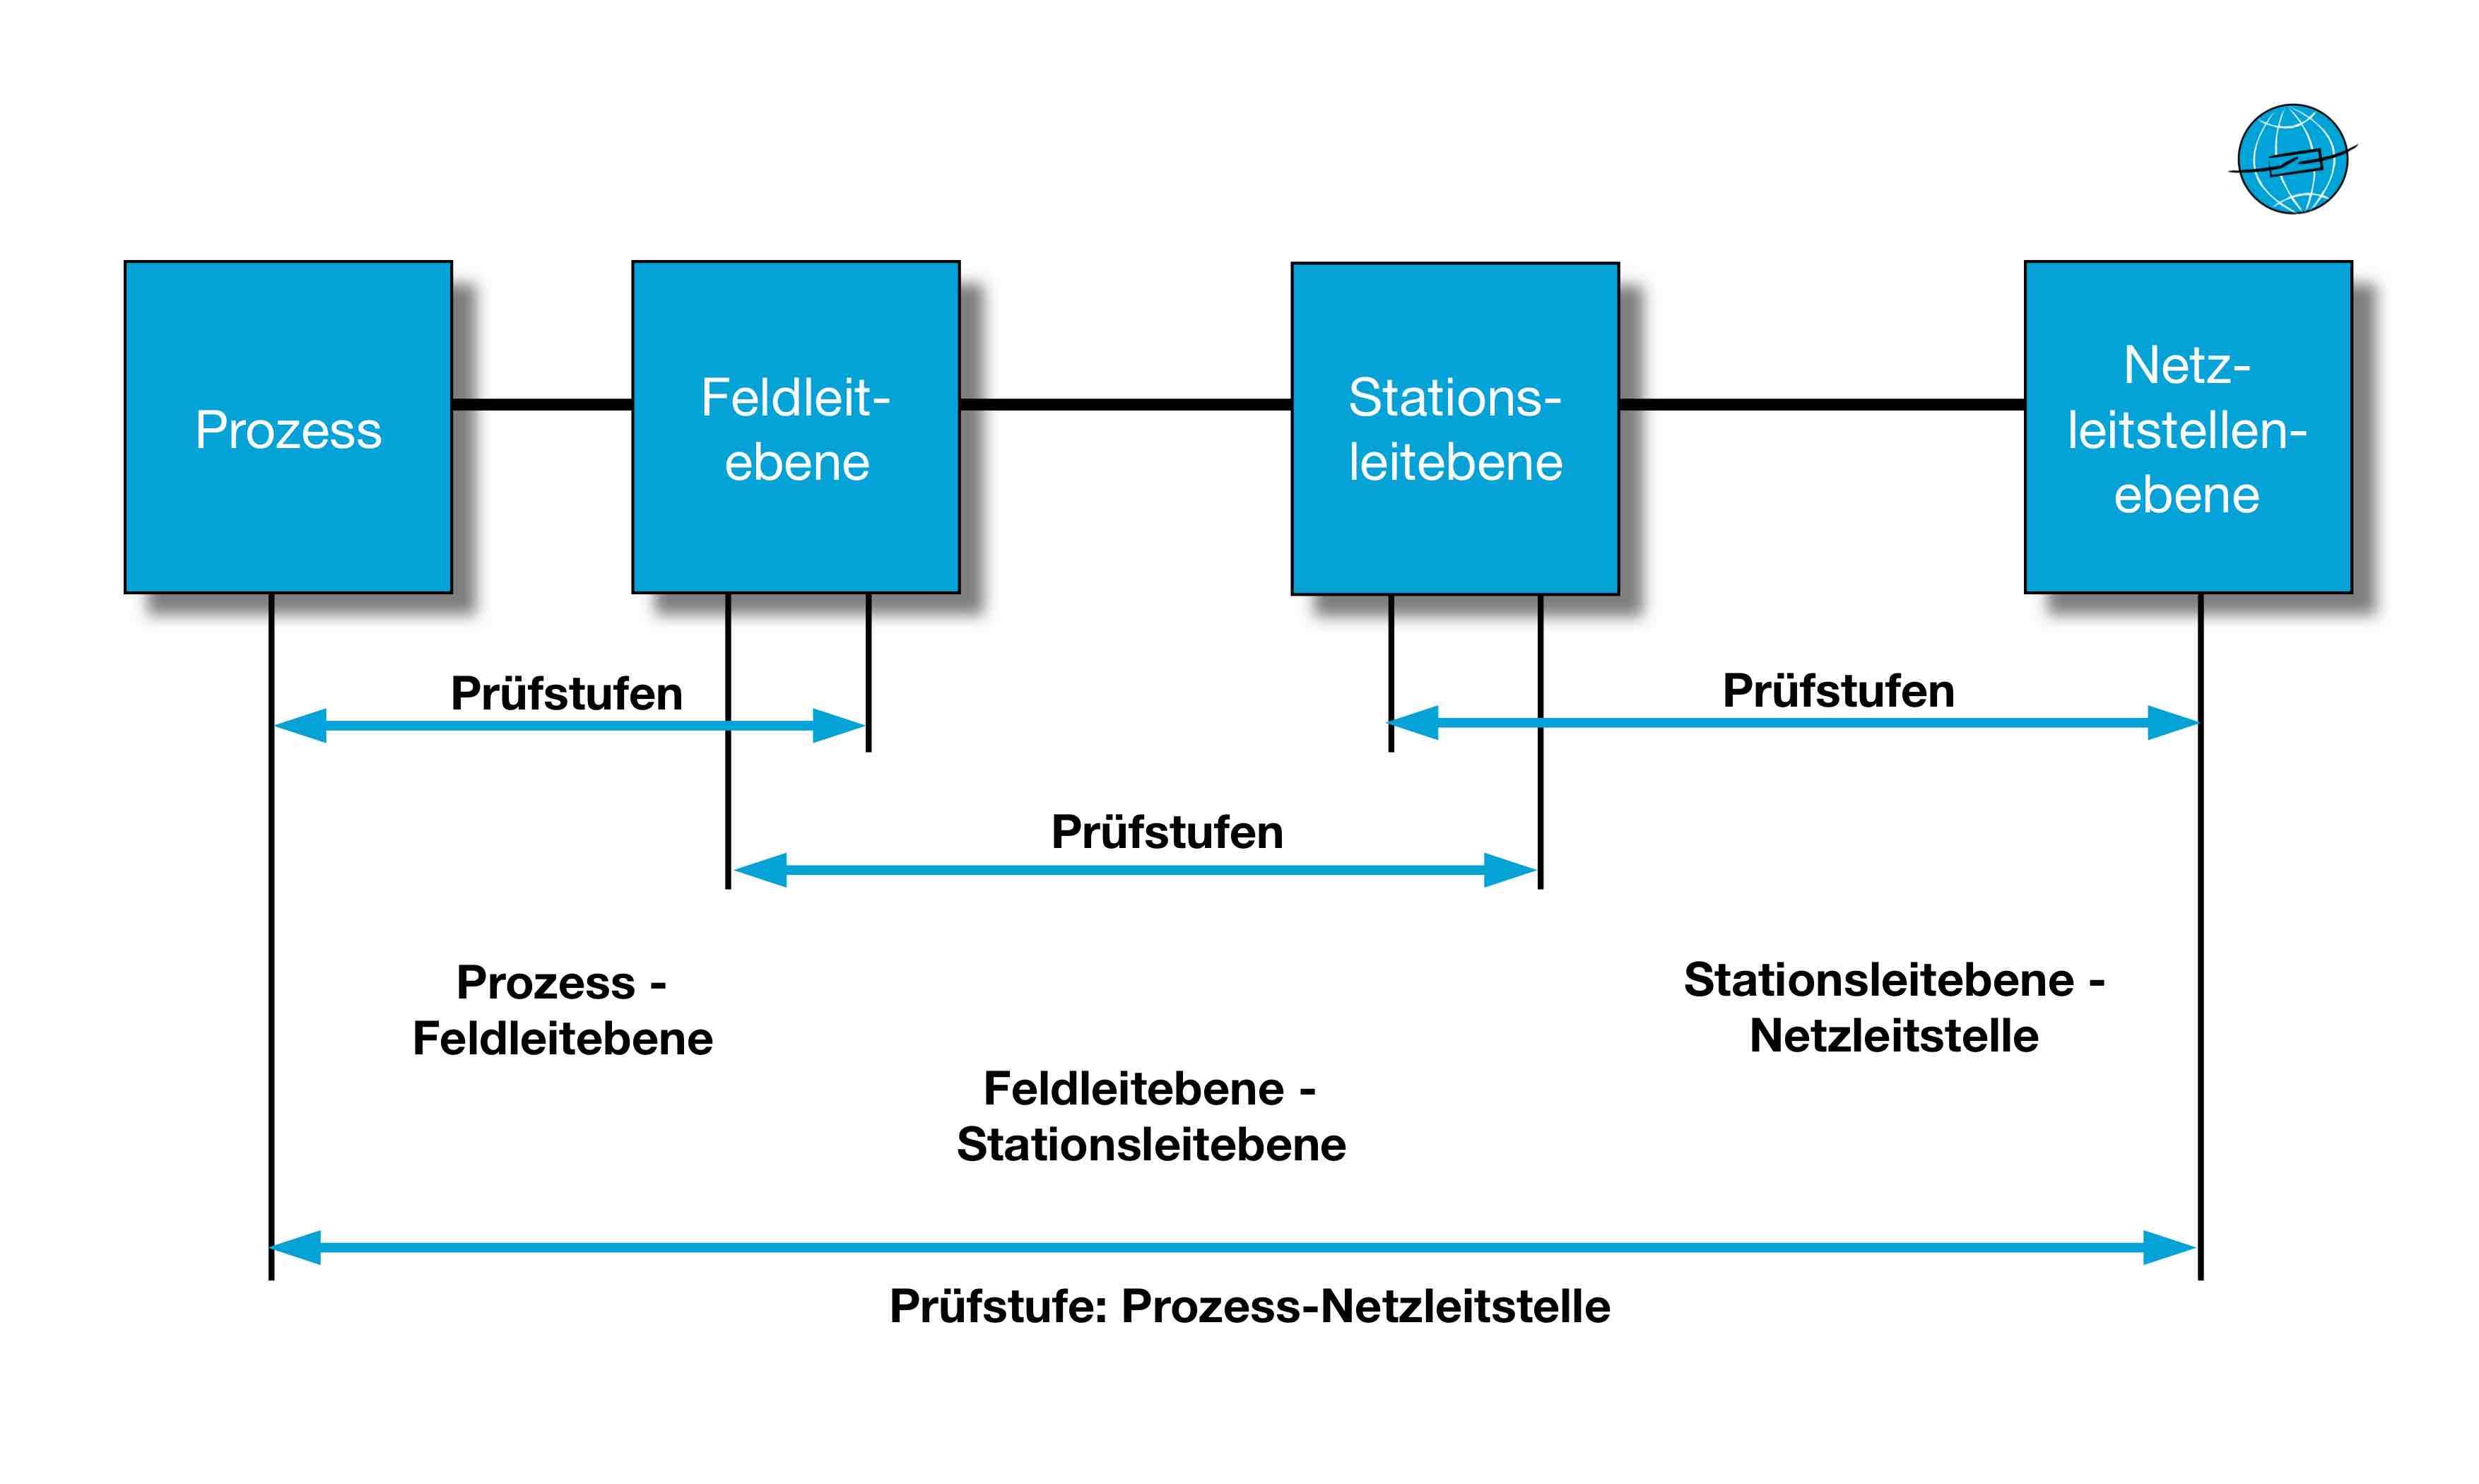 Thomas Schossig, IEC 61850, IEC61850, Prüfung von IEC 61850 Schutz- und Leittechnik